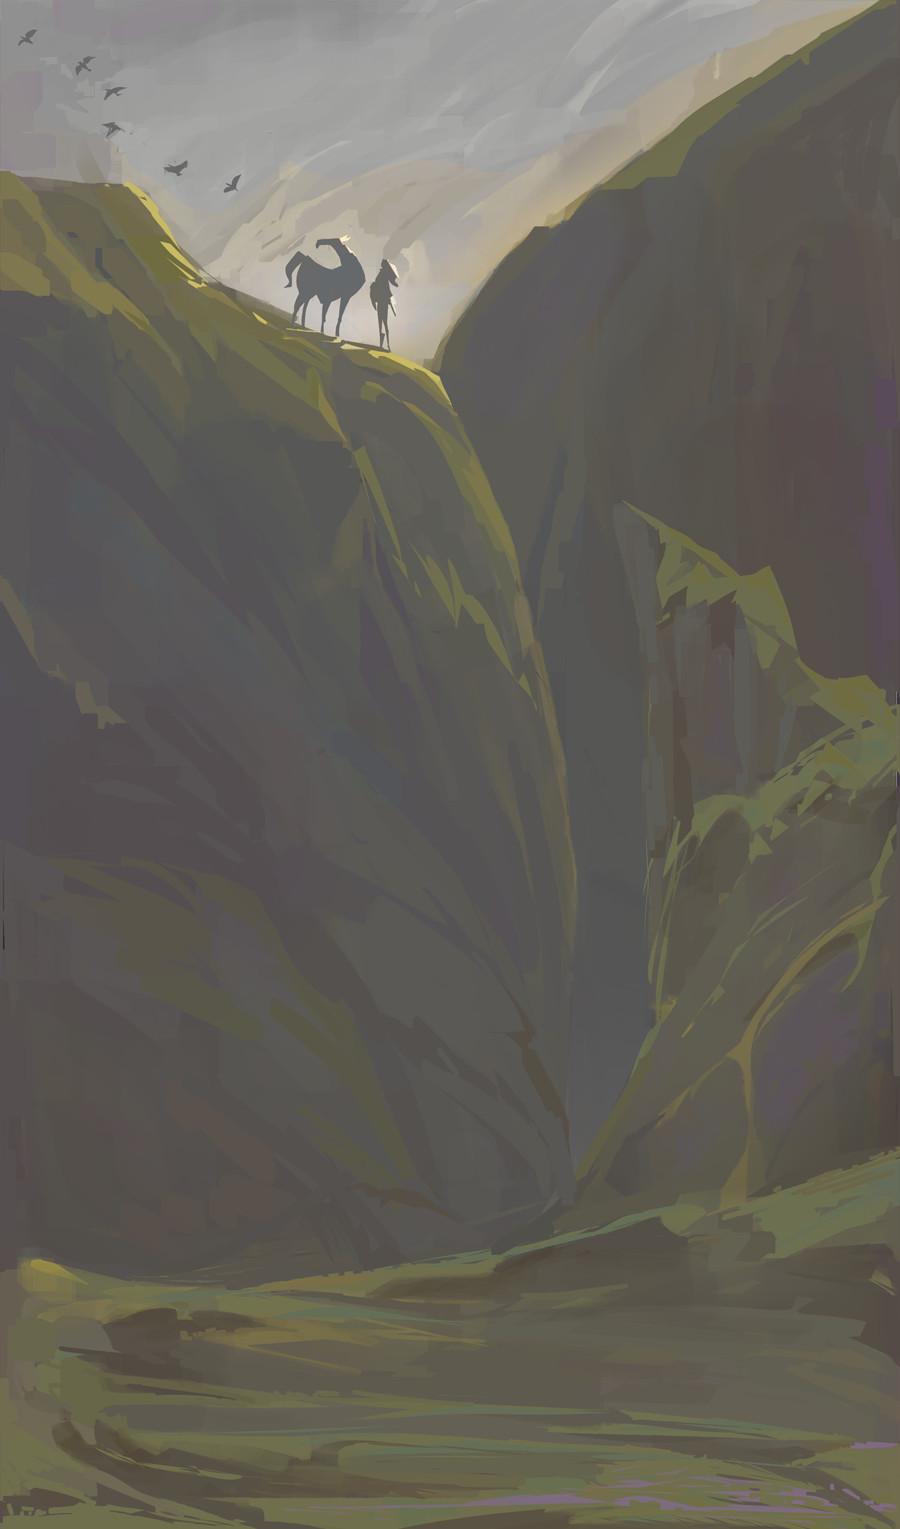 Slawek fedorczuk slawek fedorczuk 20 2017 environments 04